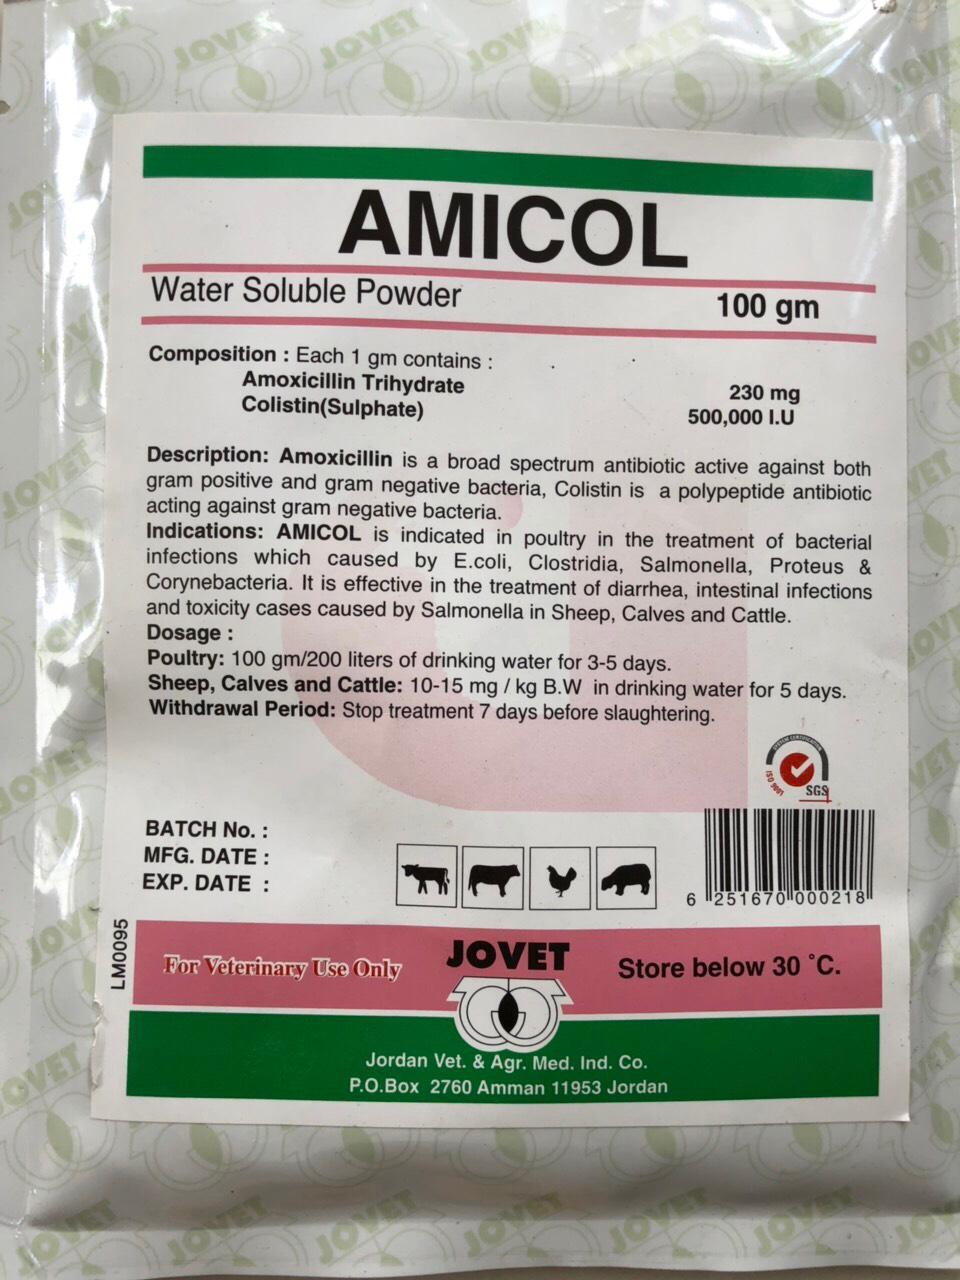 AMICOL